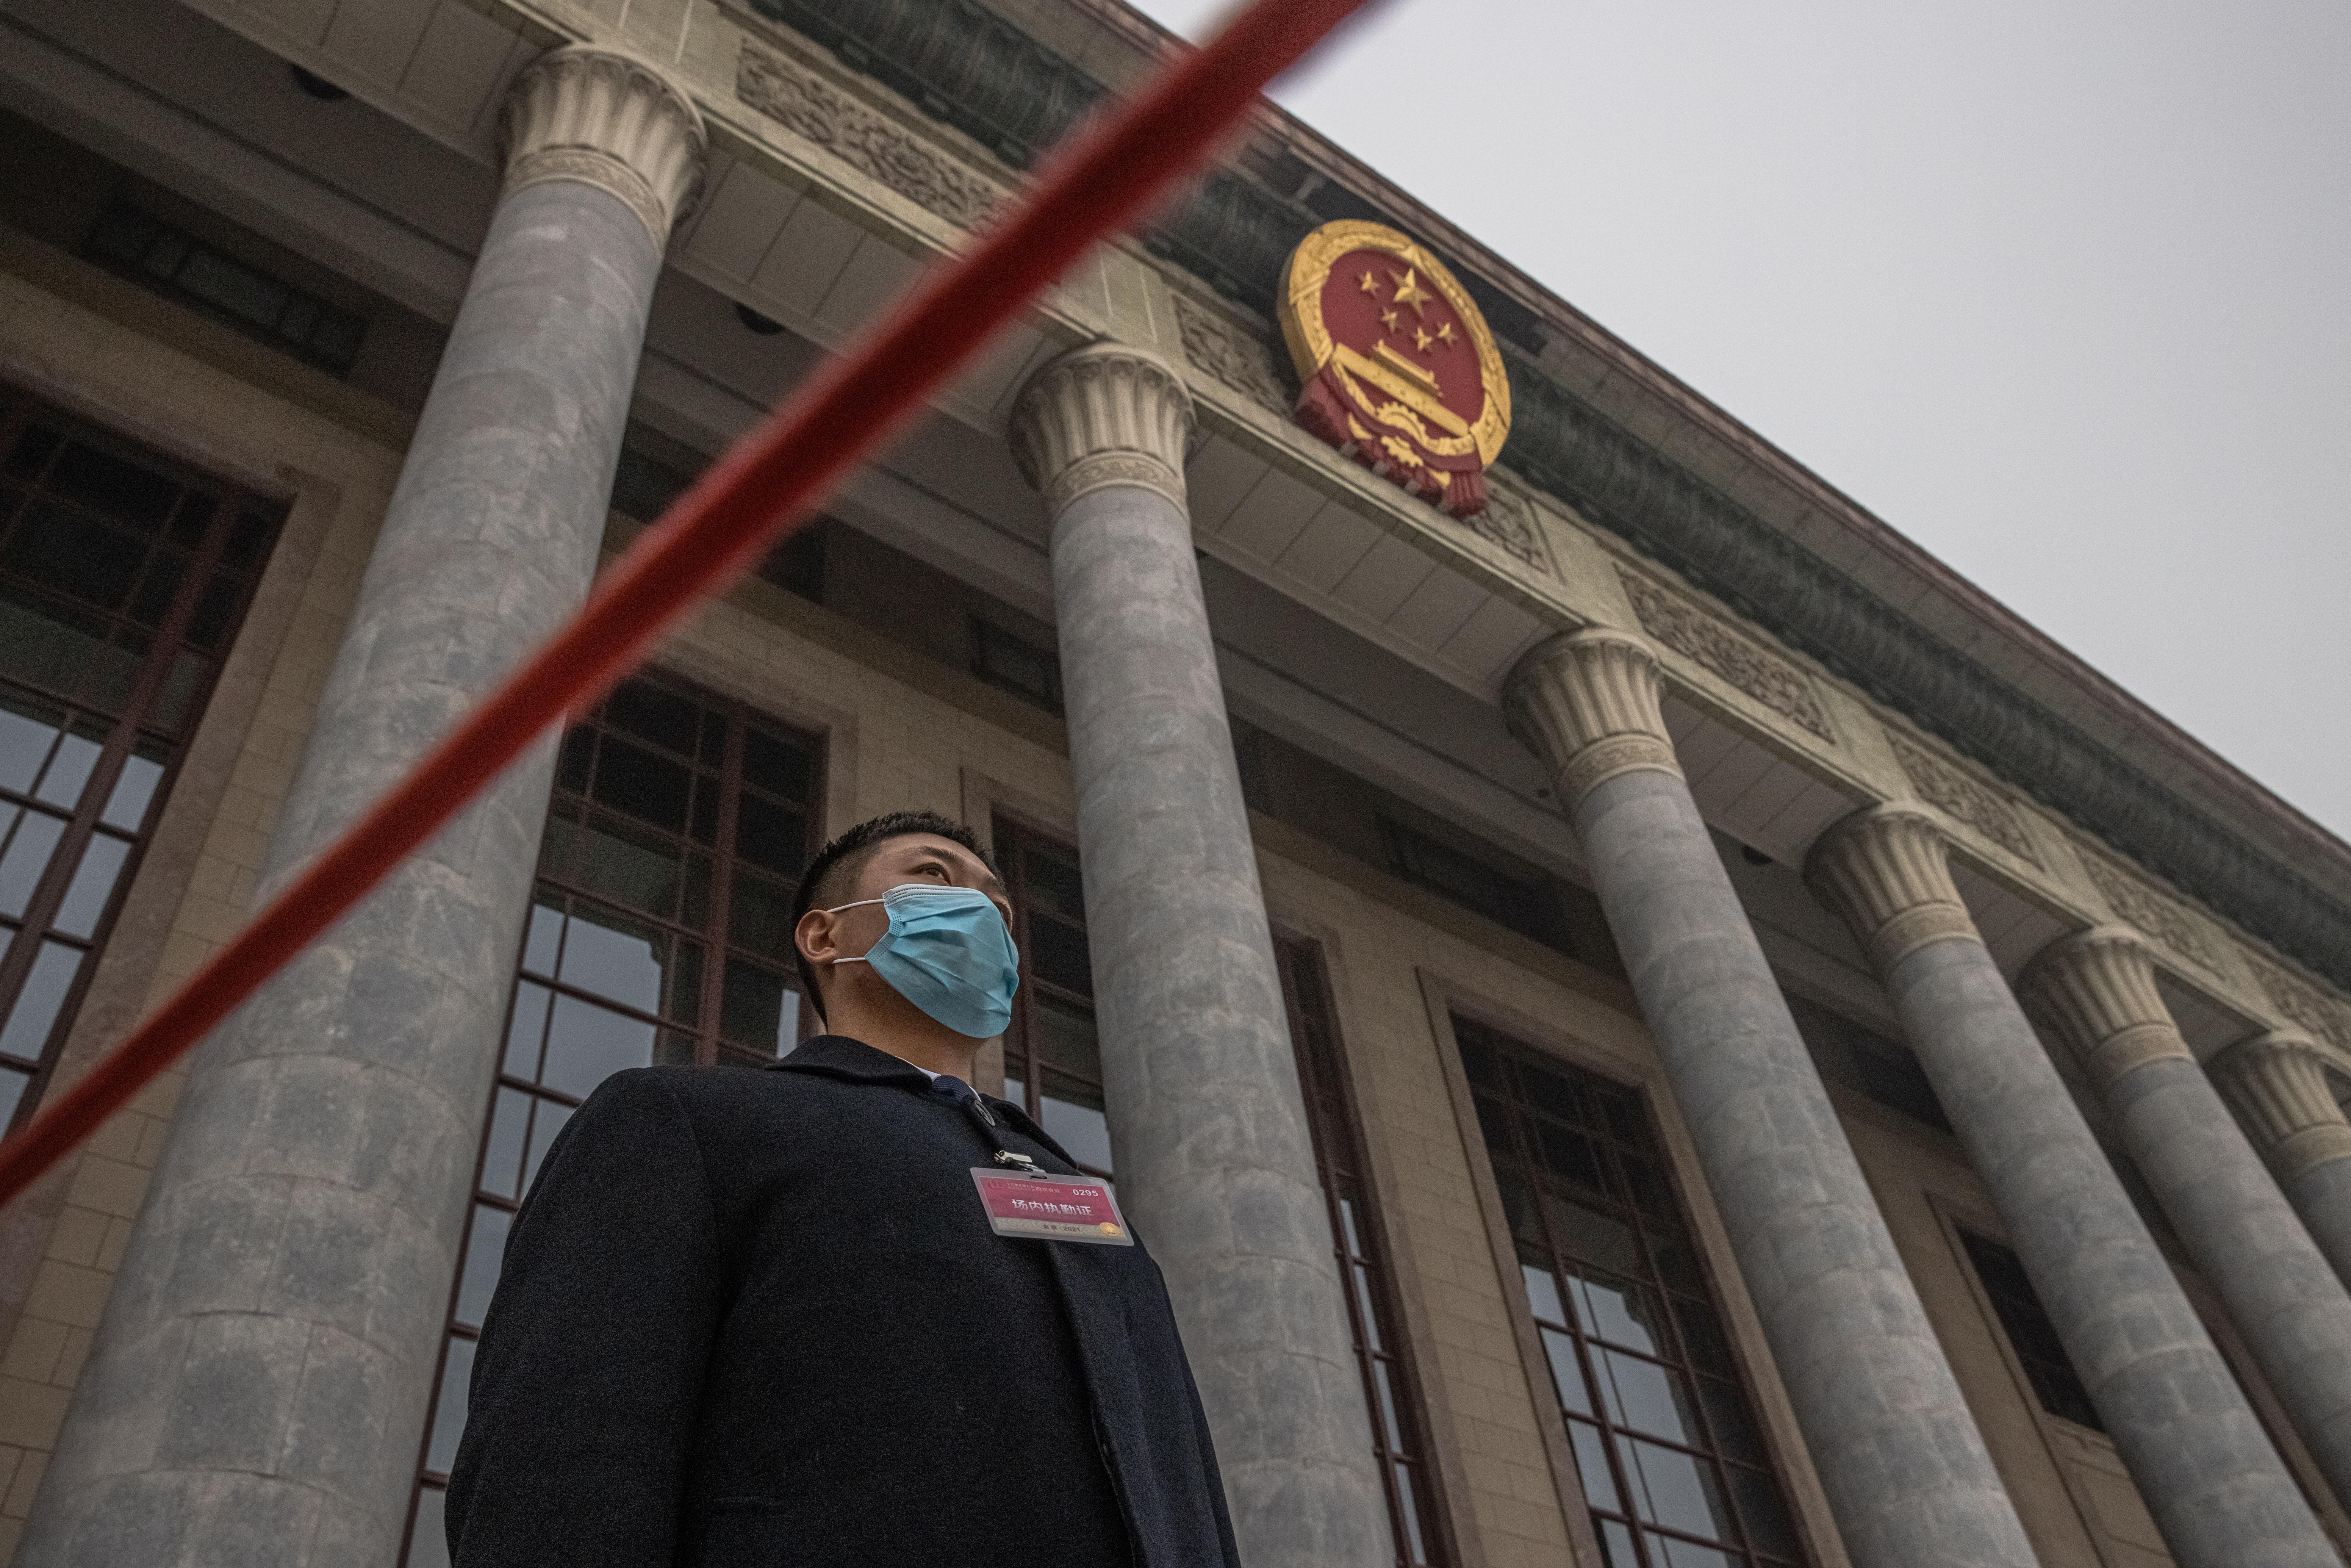 Un guardia de seguridad frente al Gran Palacio del Pueblo en Pekín.